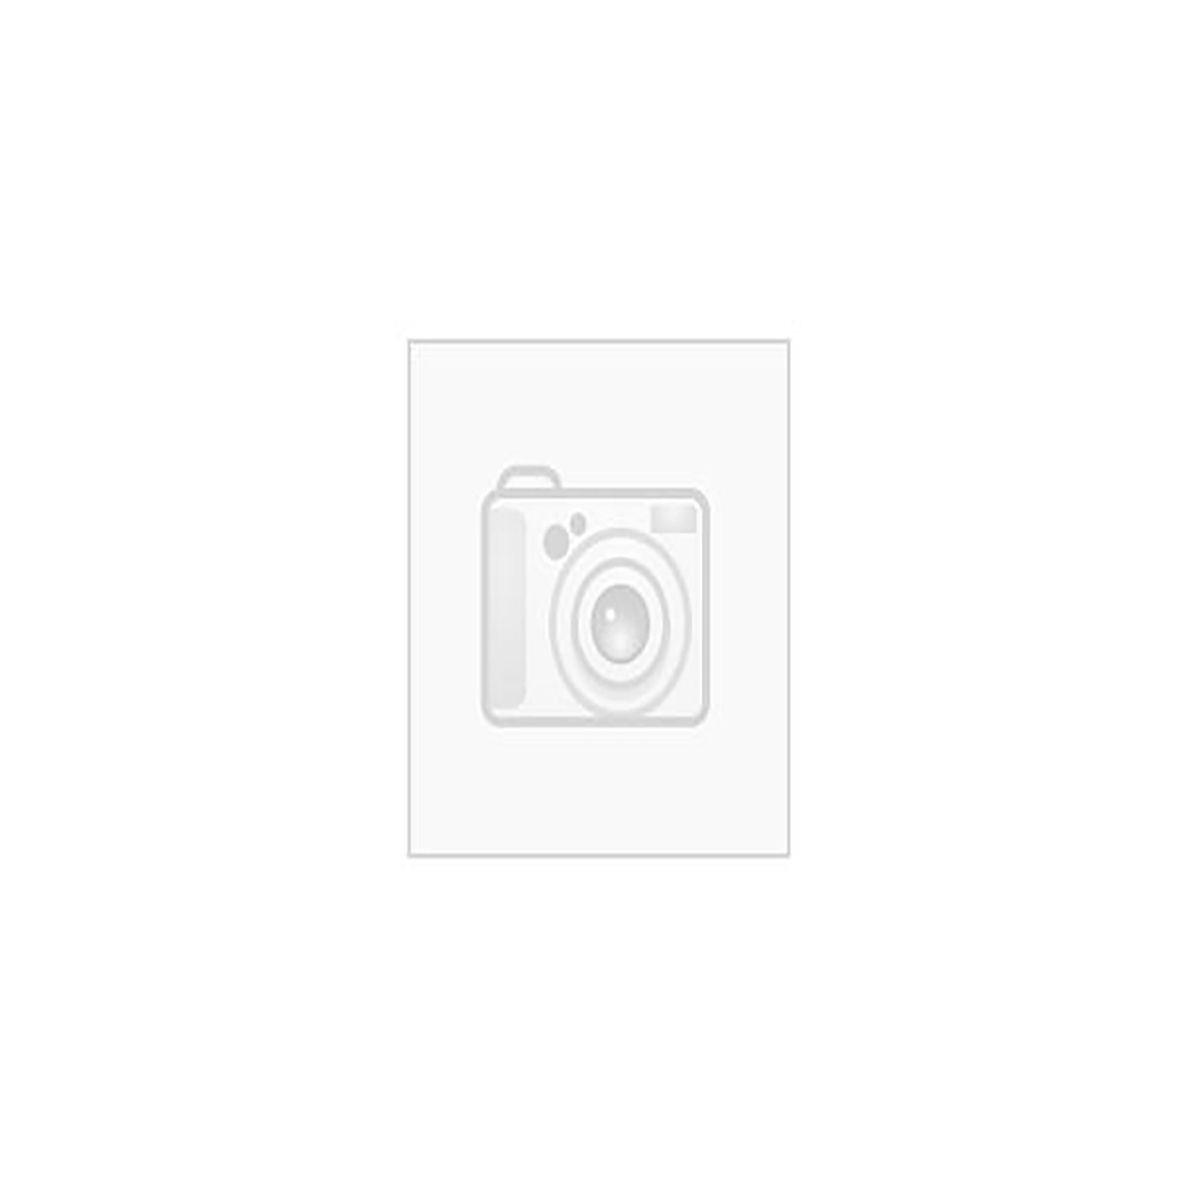 Duravit - Klosettsete Starck 3, 006389